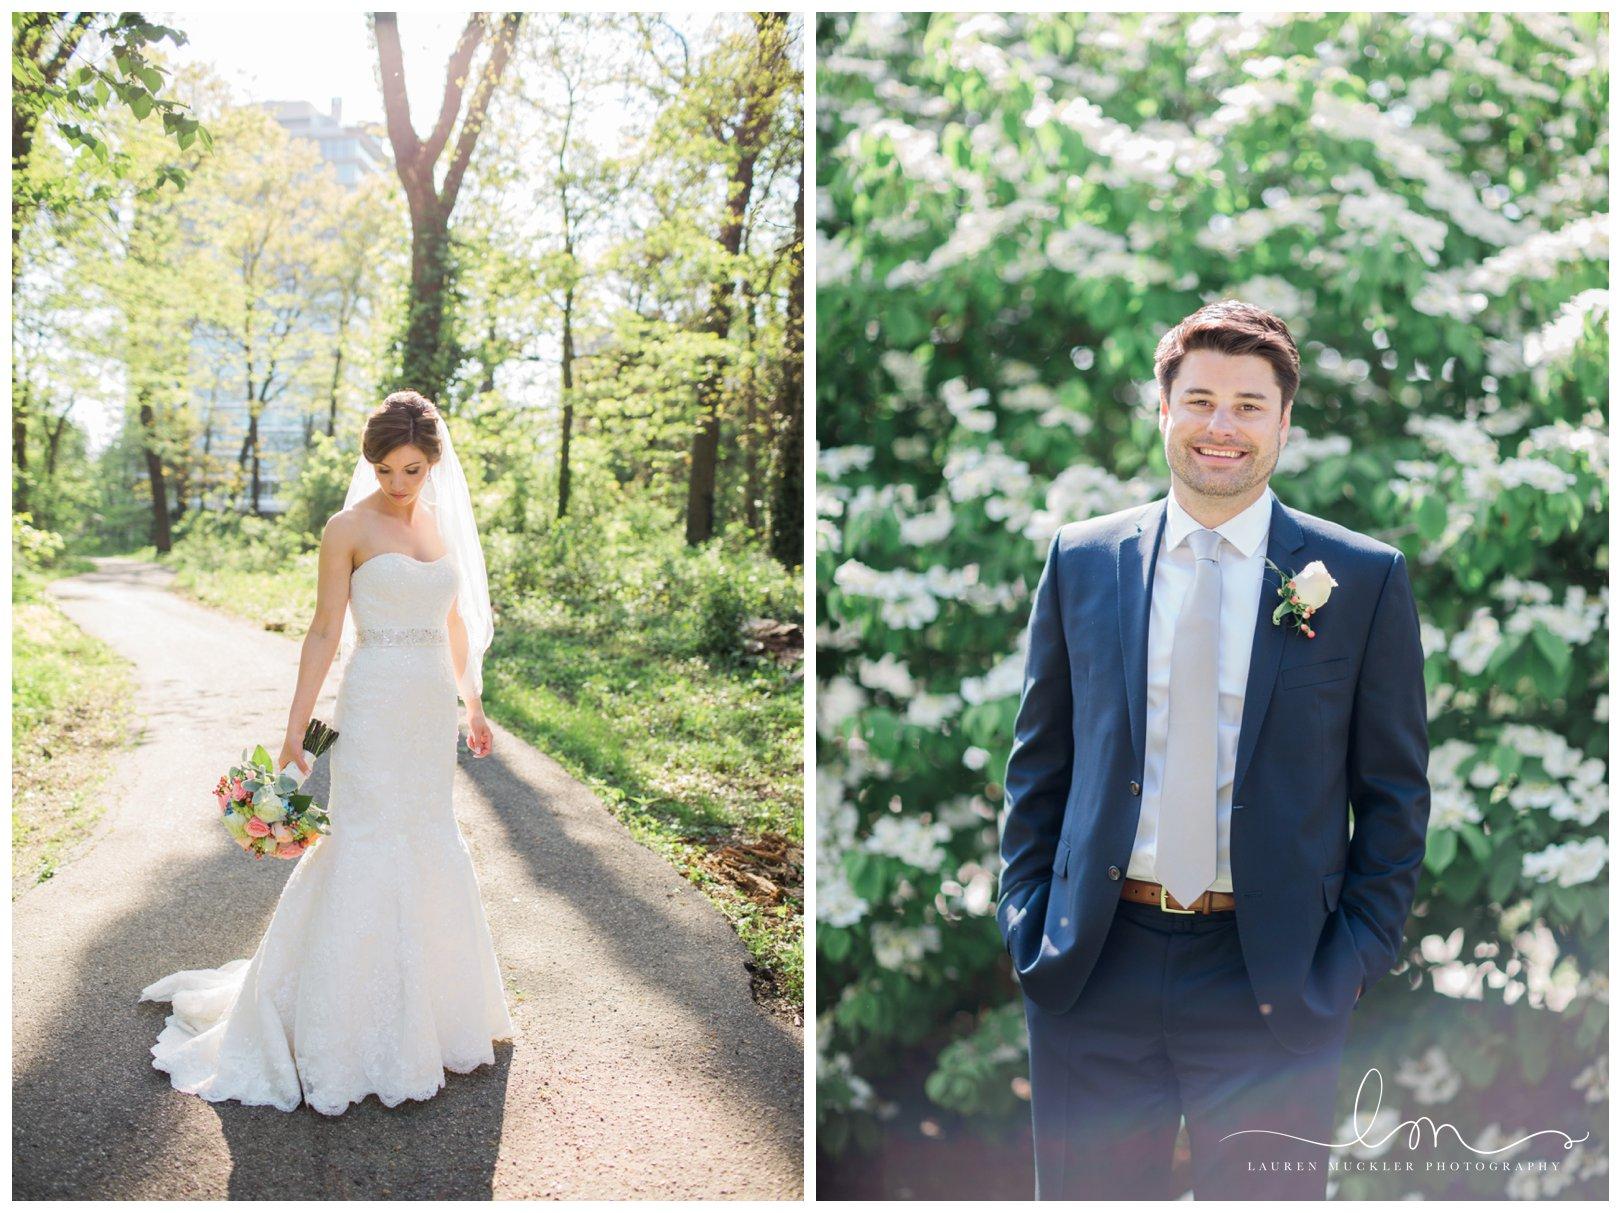 lauren muckler photography_fine art film wedding photography_st louis_photography_0033.jpg